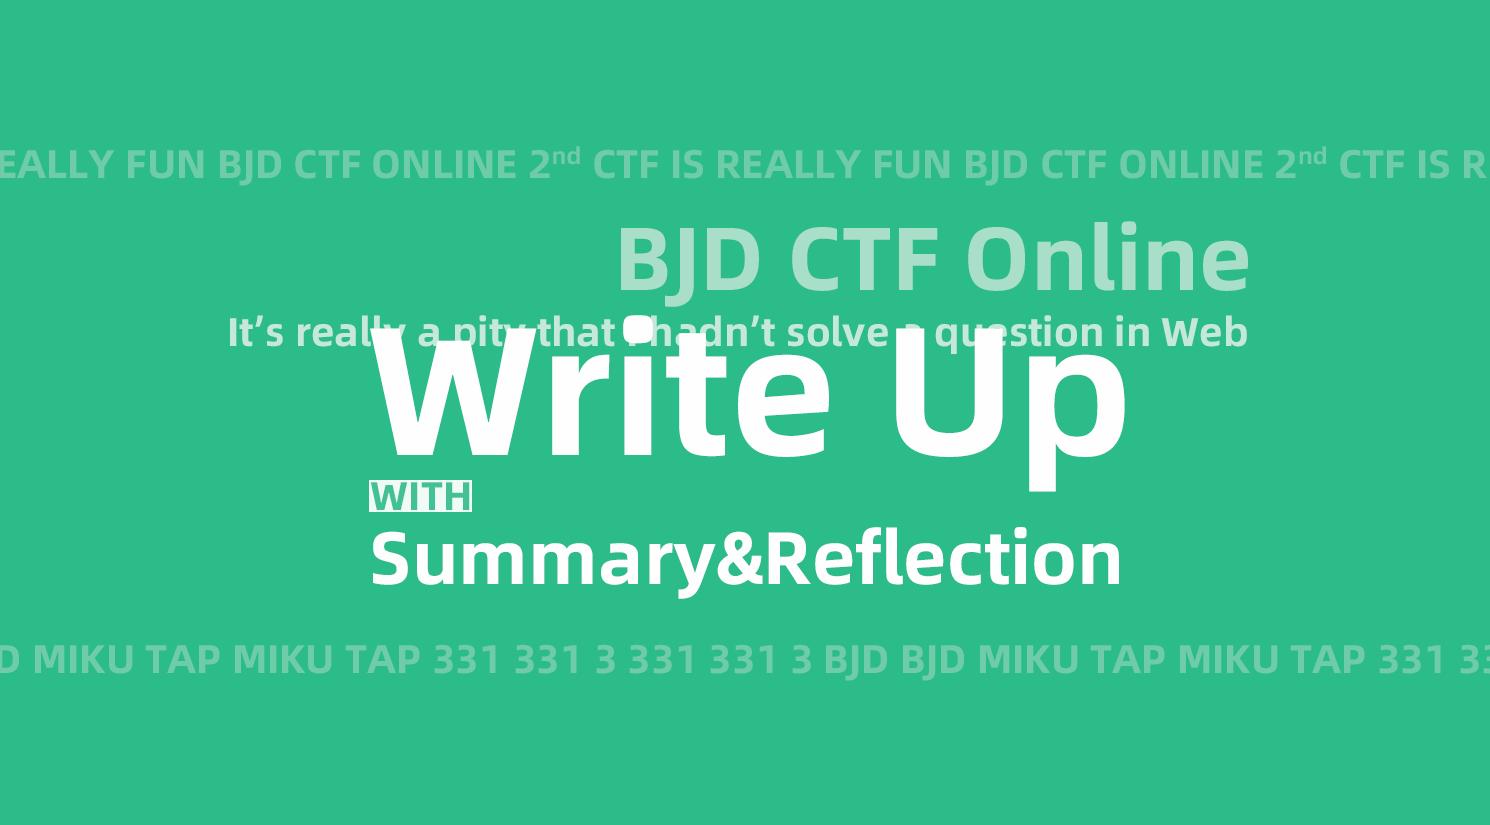 某萌新的 BJD CTF Online 之旅